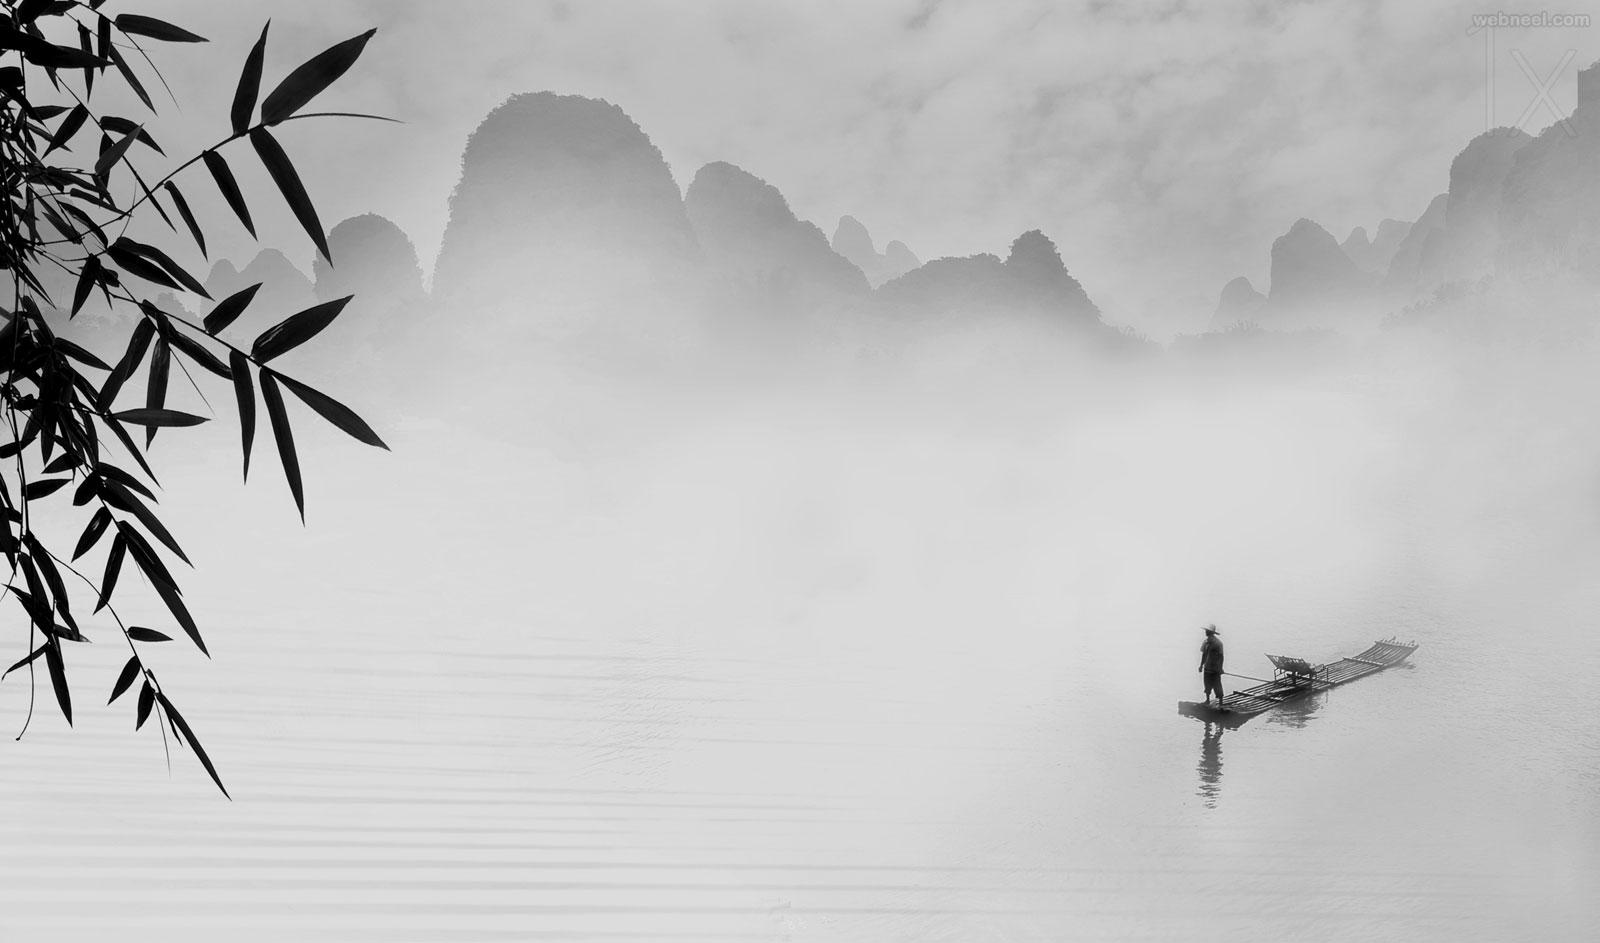 black and white photography by tatiana gorilovsky